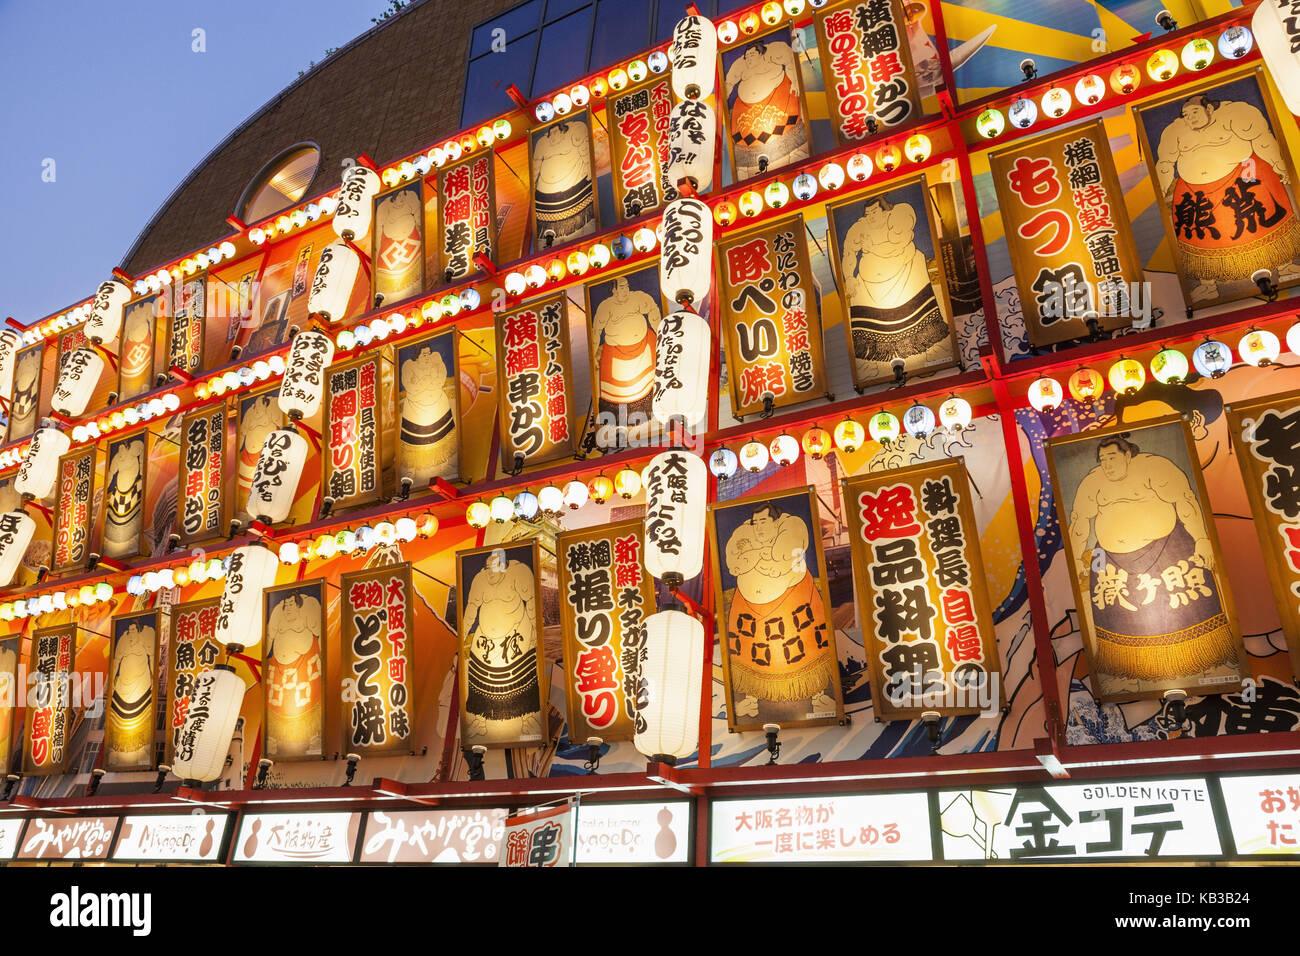 Giappone, Honshu, Kansai di osaka, tennoji, ristorante facciata con lanterne e foto di lottatori di sumo, crepuscolo, Immagini Stock